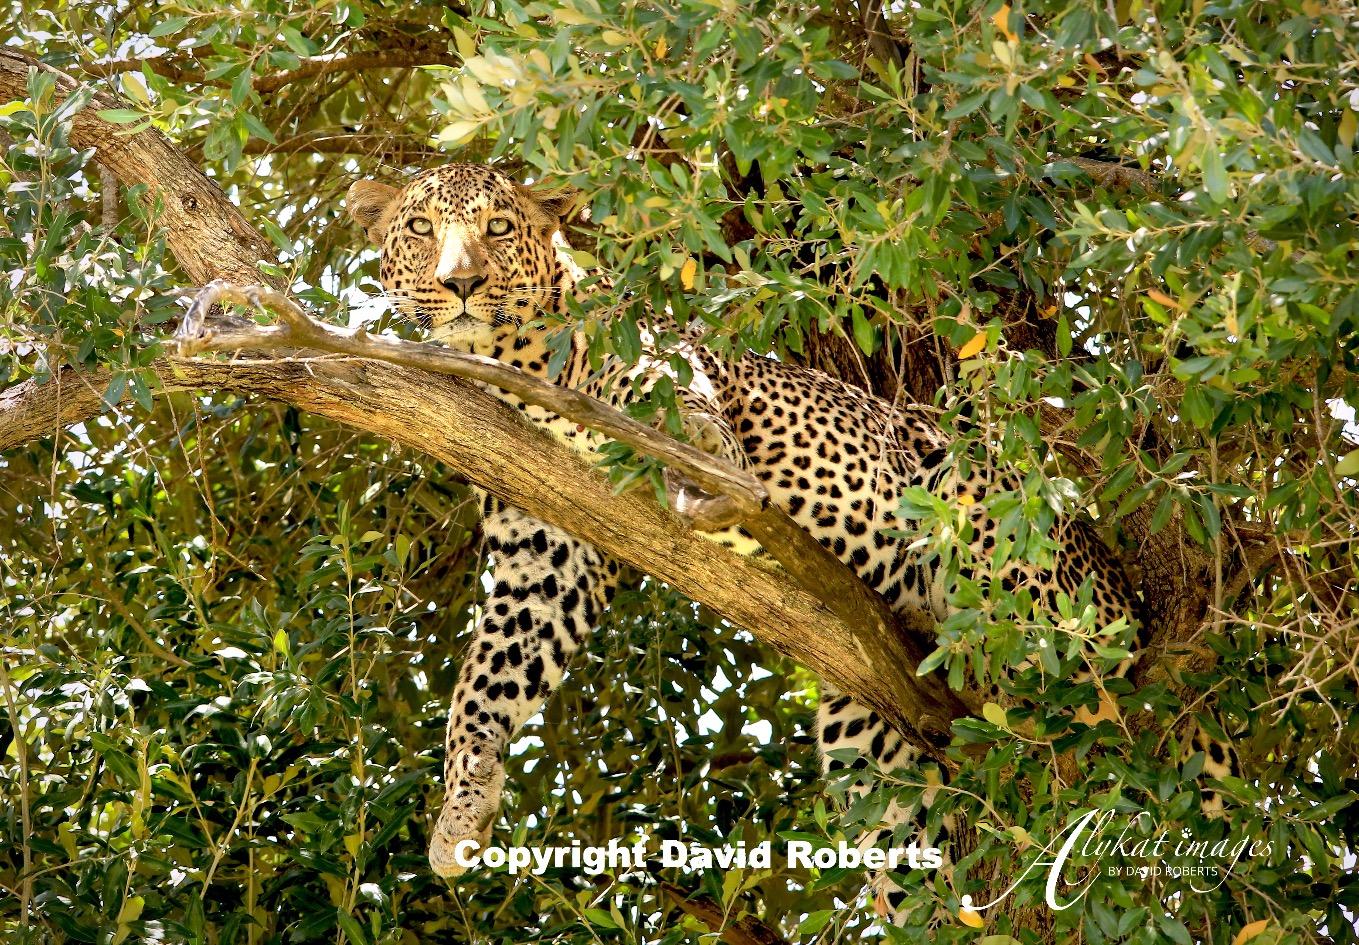 W- Leopard in tree